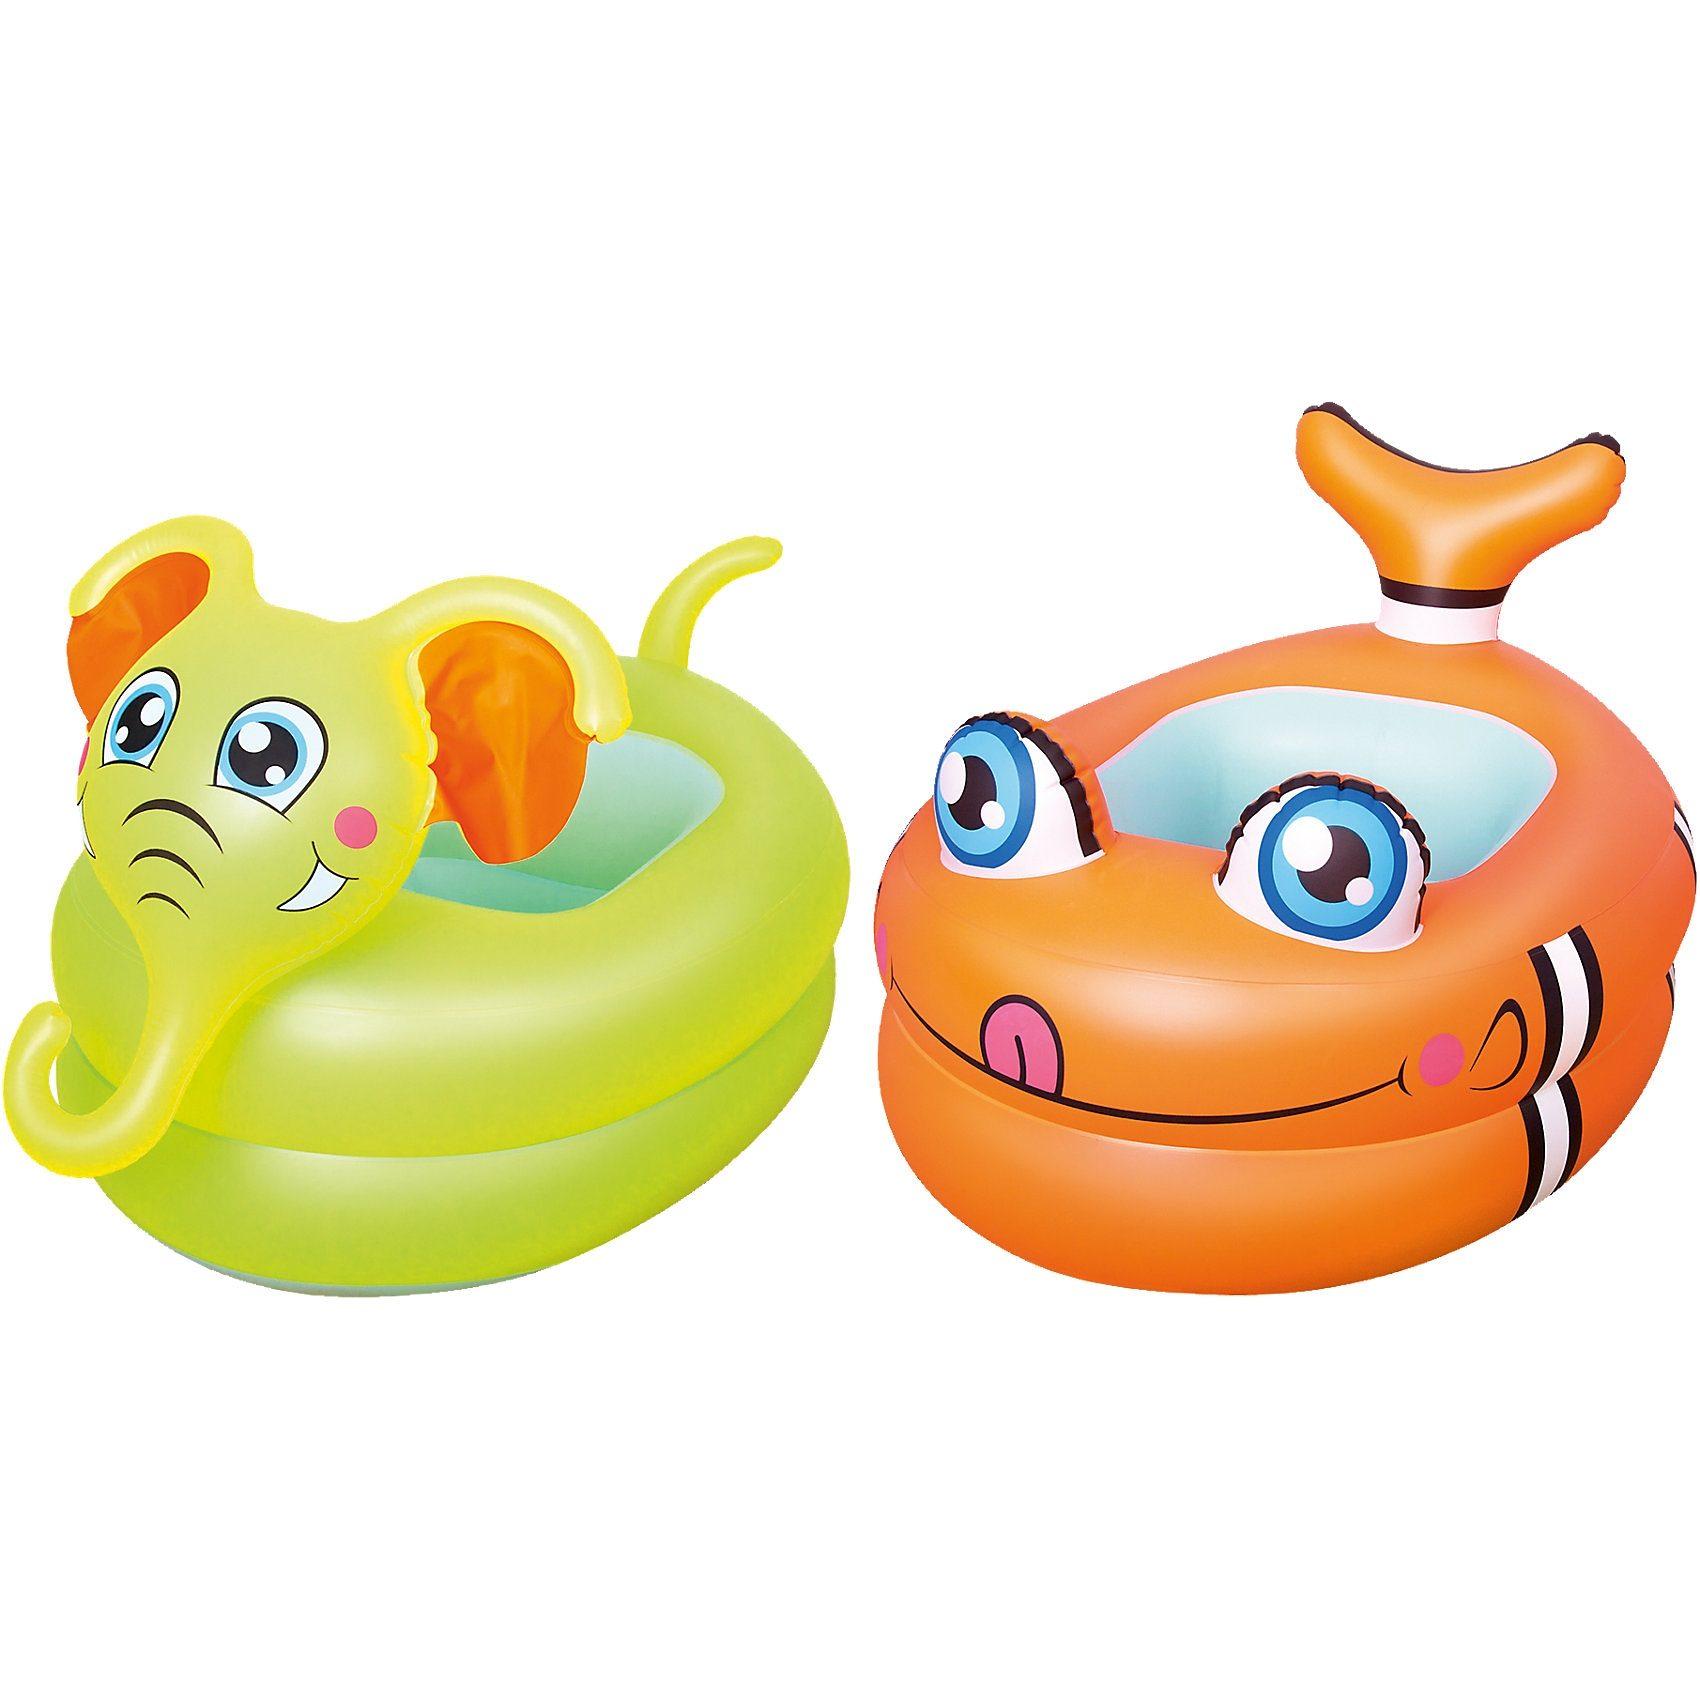 Bestway Baby-Planschbecken Elefant oder Fisch